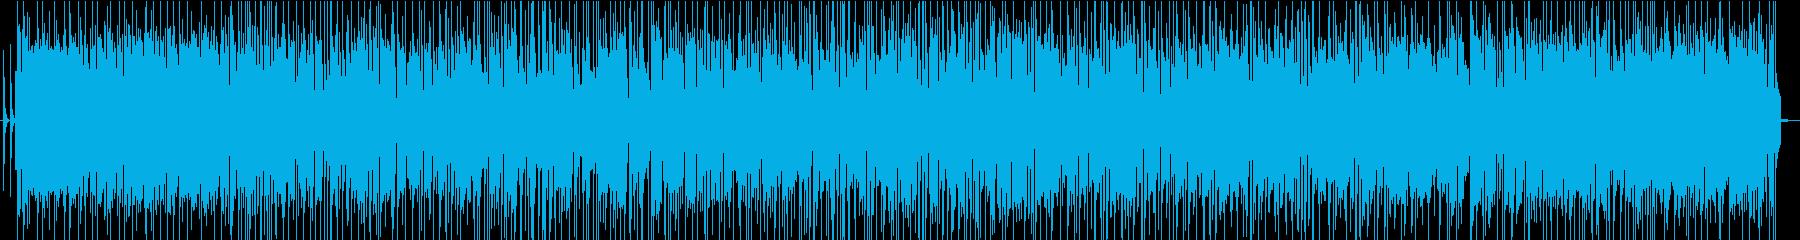 ギターフレーズとリフの繰り返す追跡ギターの再生済みの波形